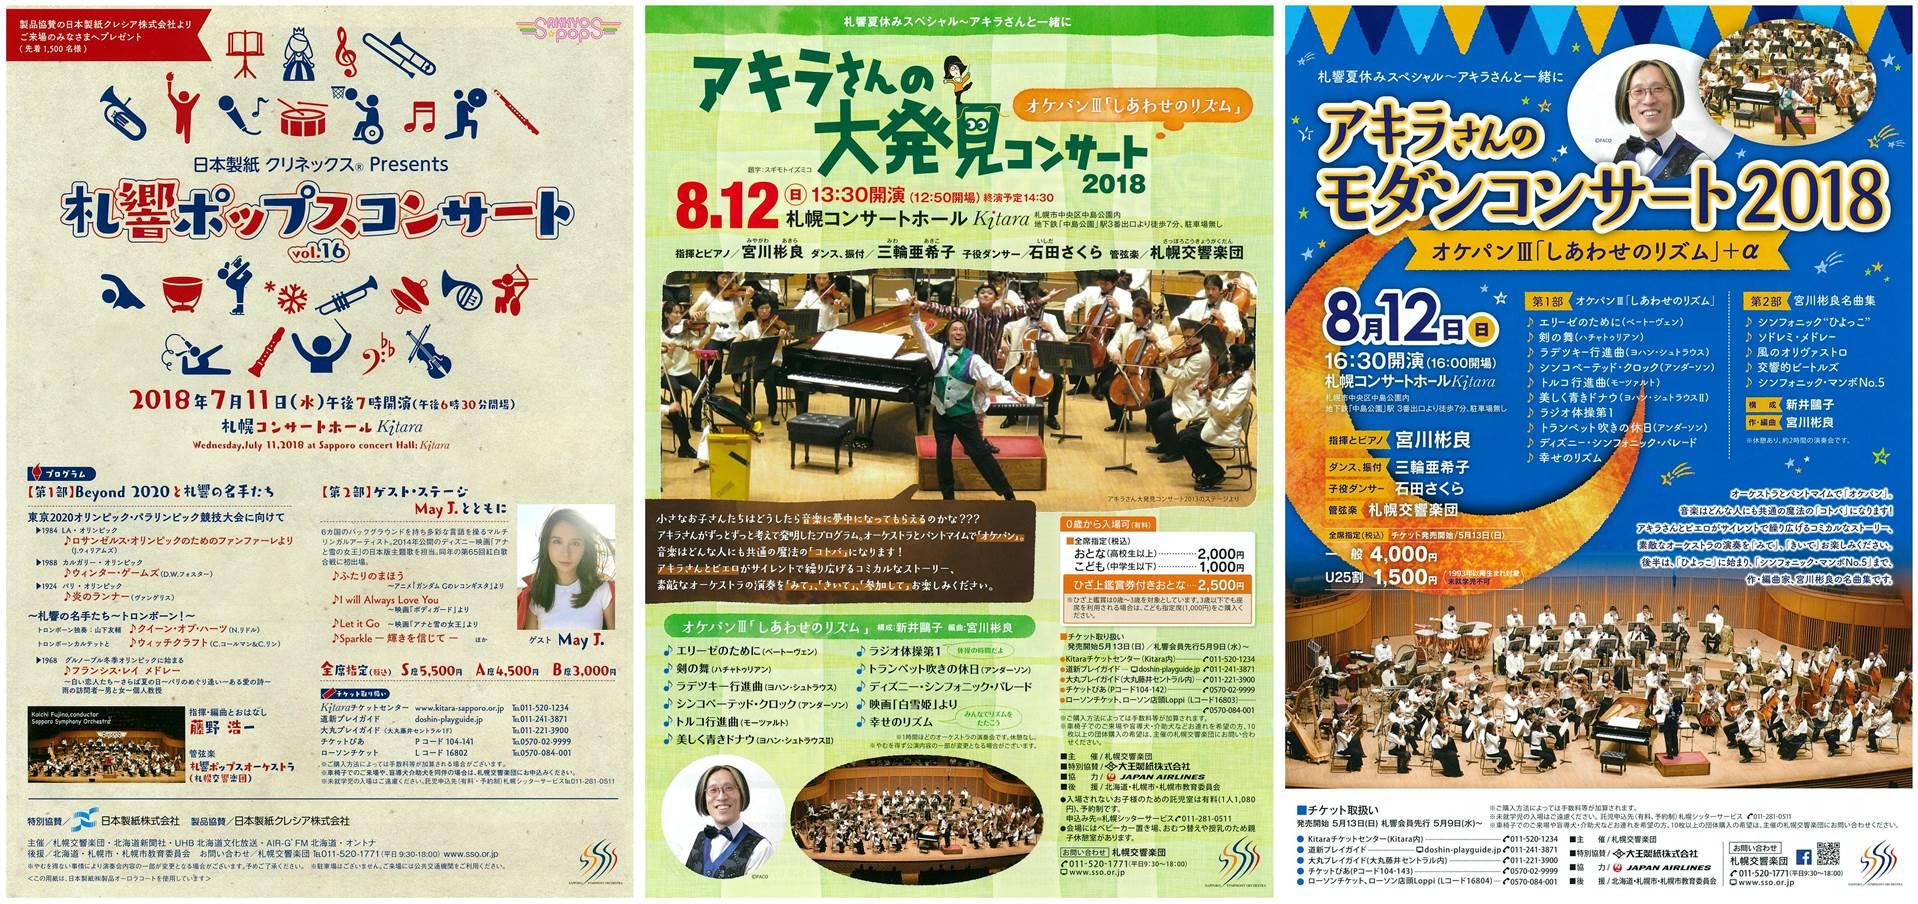 【7~8月札響特別演奏会のお知らせ】